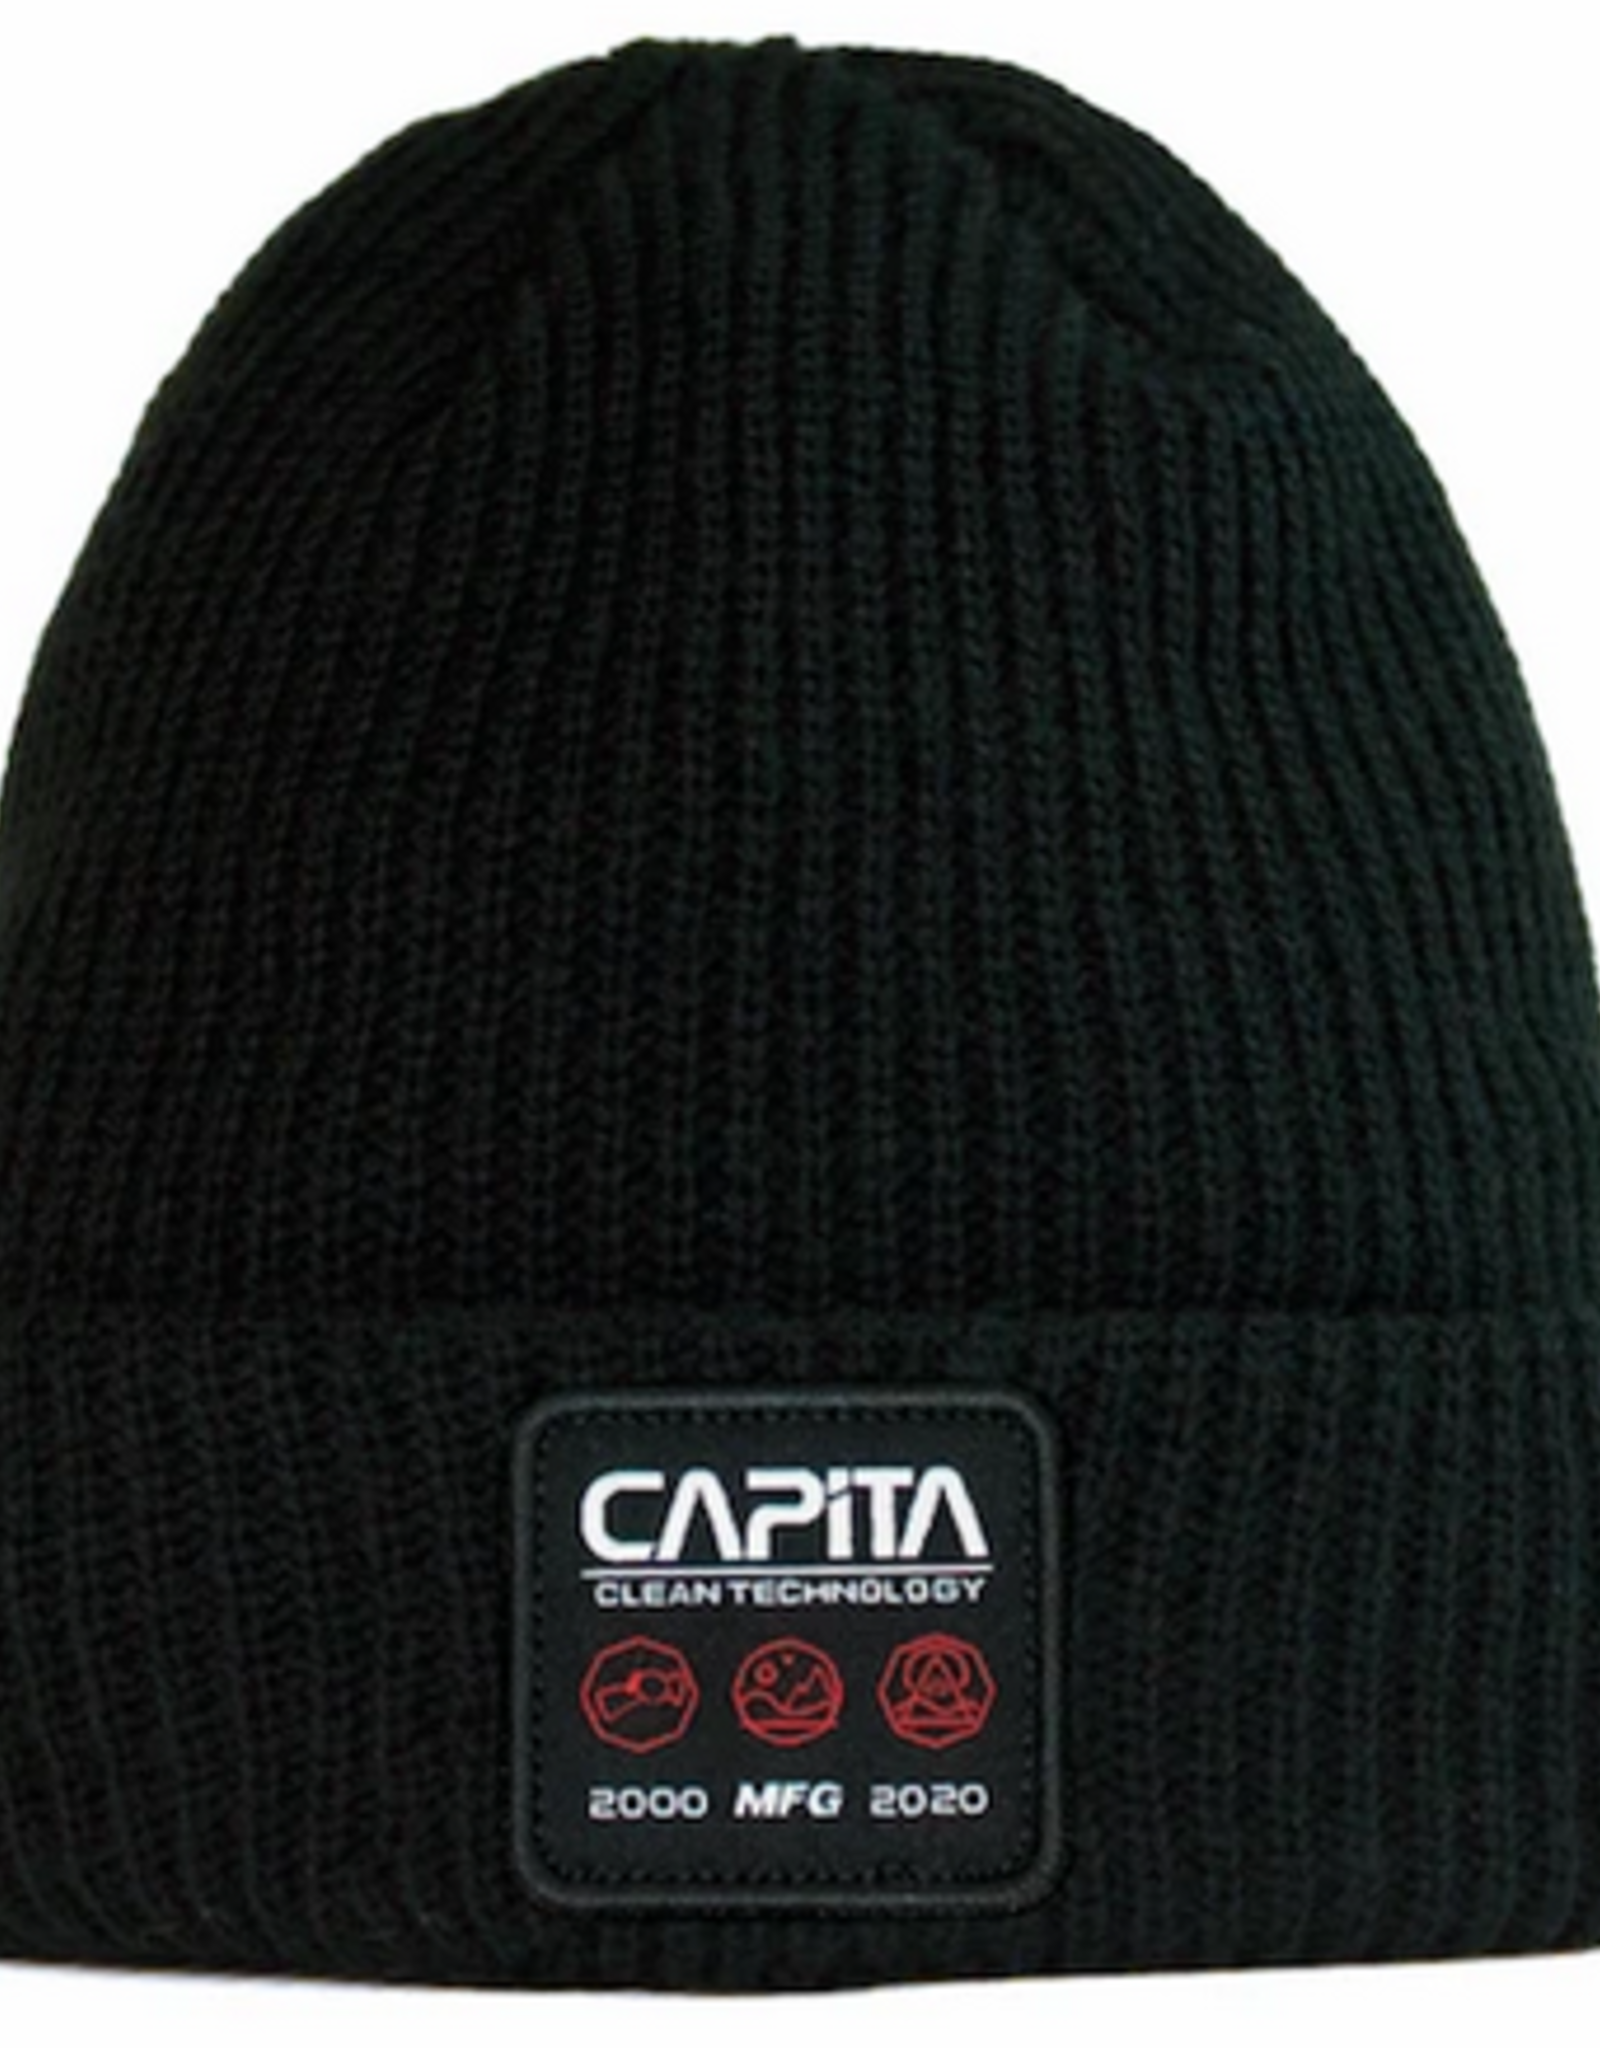 CAPITA CAPITA CLEAN TECH BEANIE BLACK